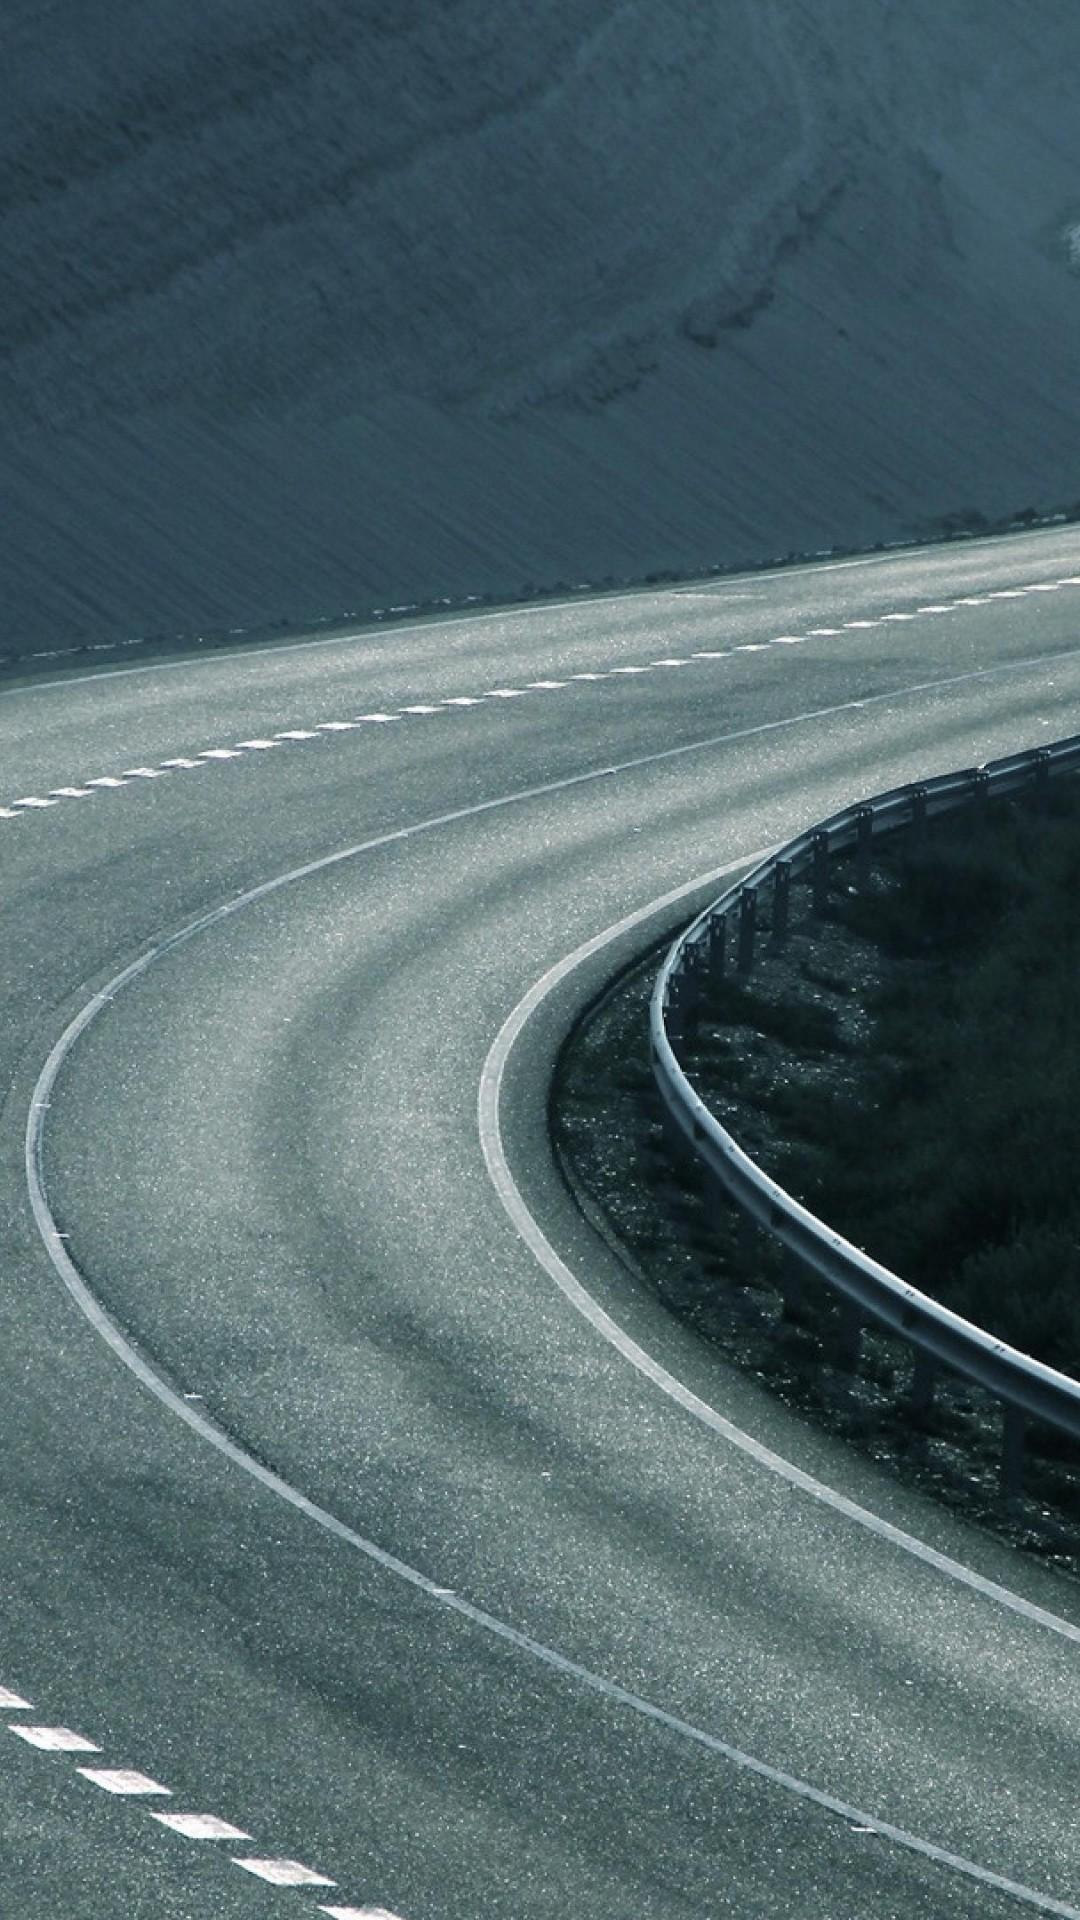 Обои Дорога, 4k, 5k, HD, поворот, абстрактный, трек, Road ... милла йовович фильмы